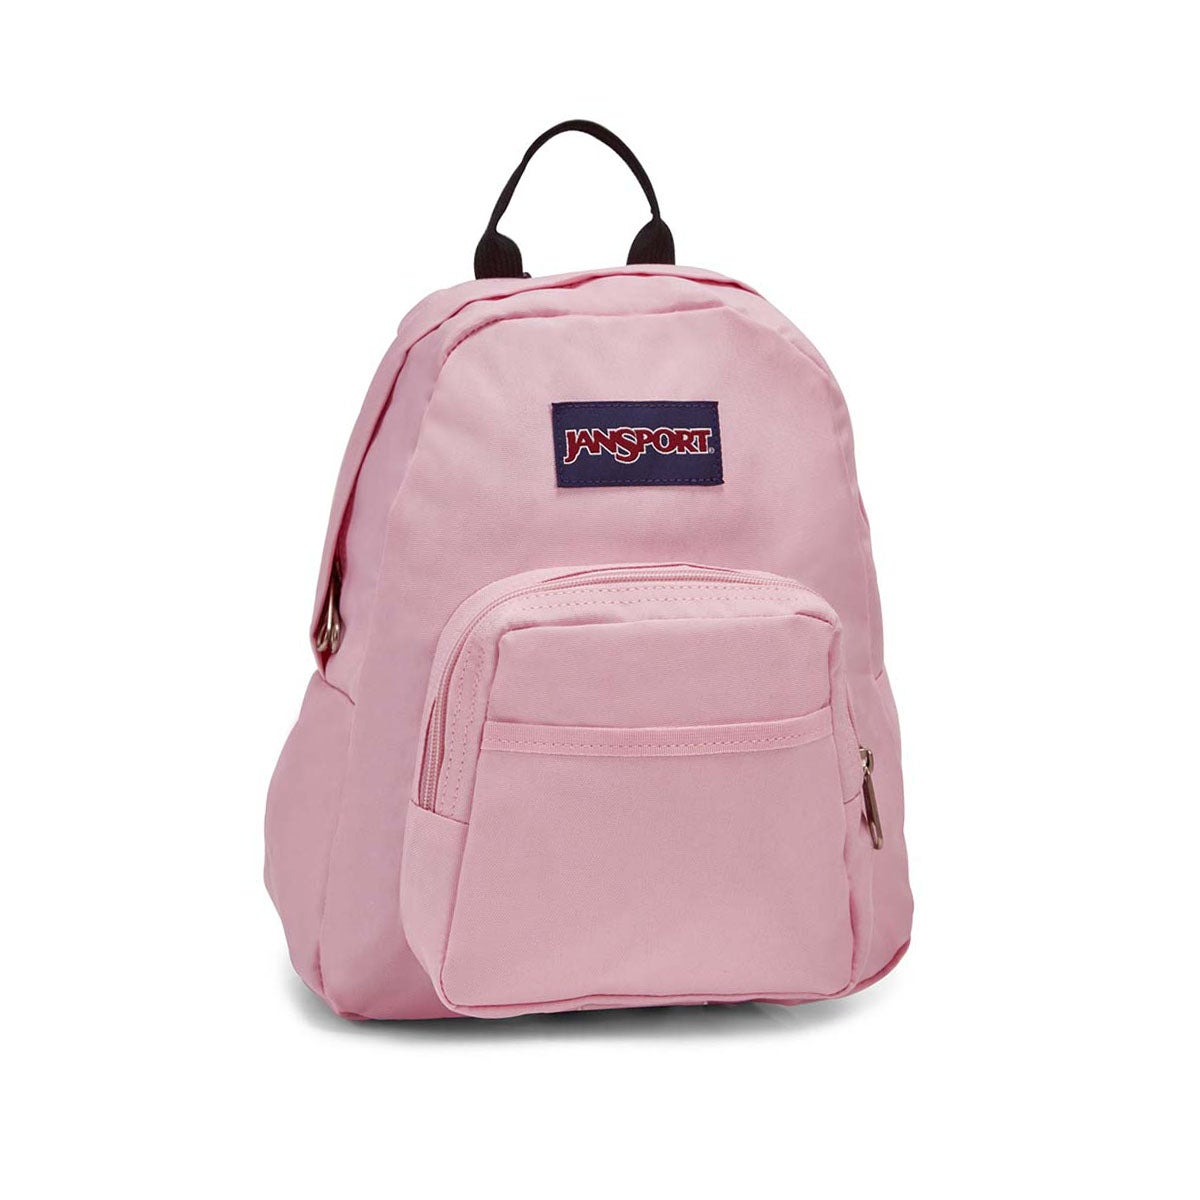 Jansport Half Pint pnk mist backpack